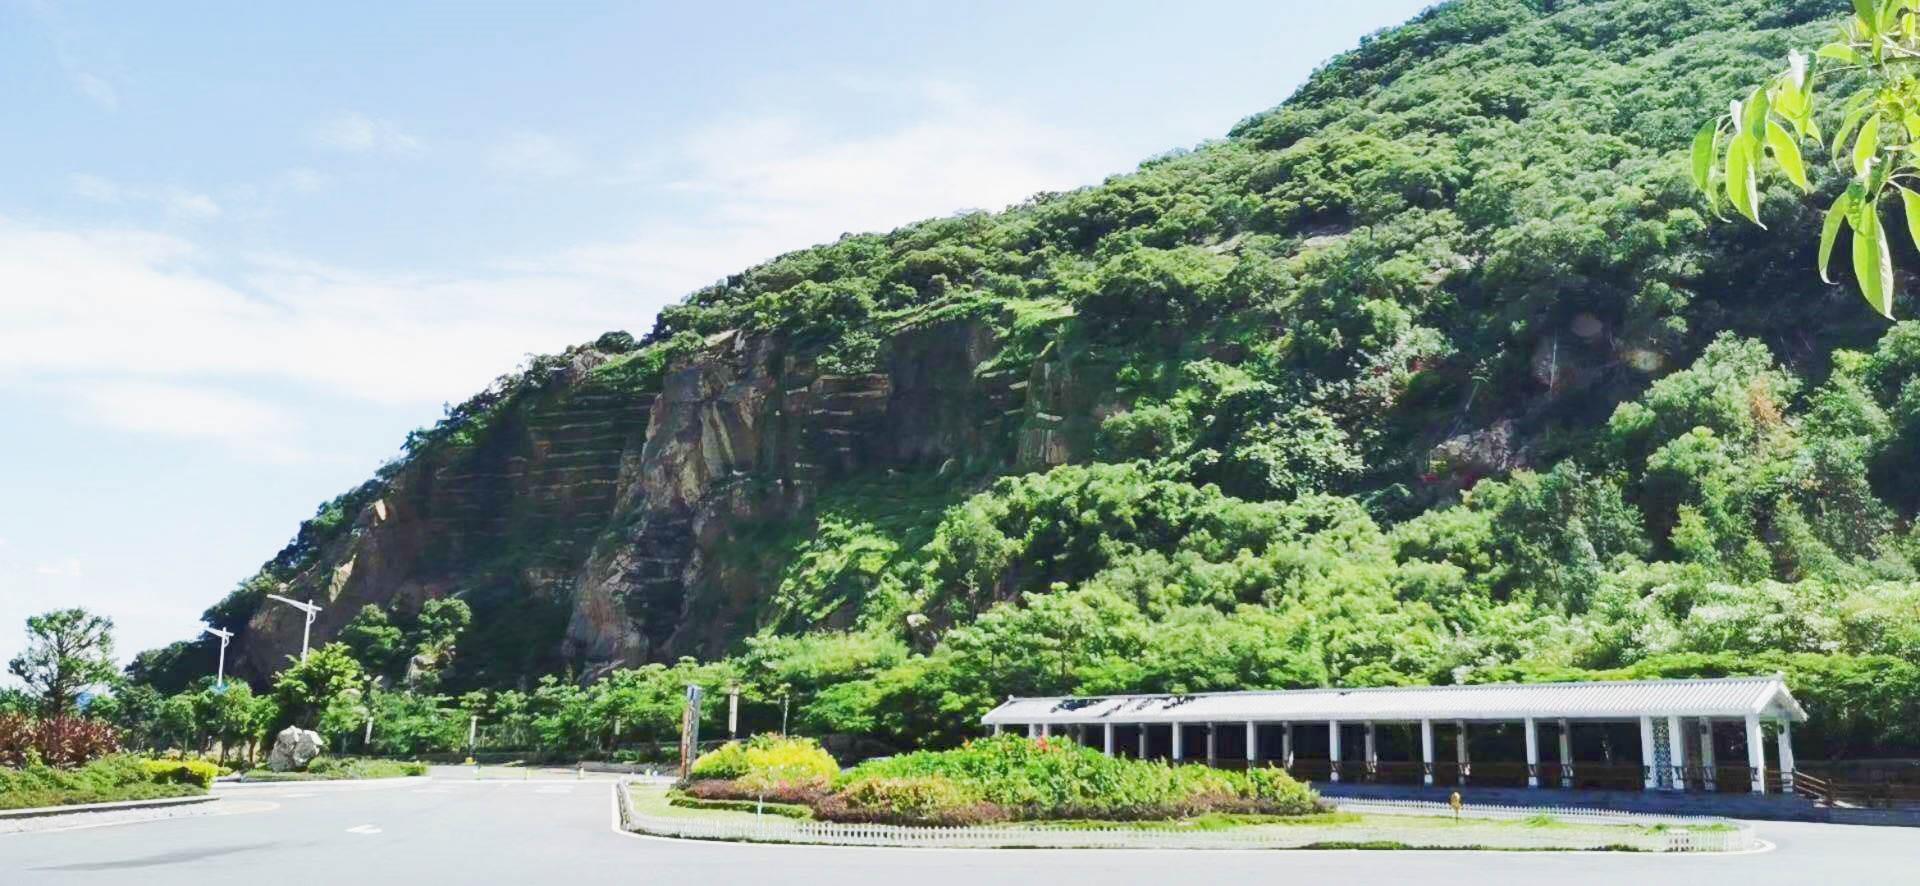 广东汕头矿山植被猎趣tv电视版工程